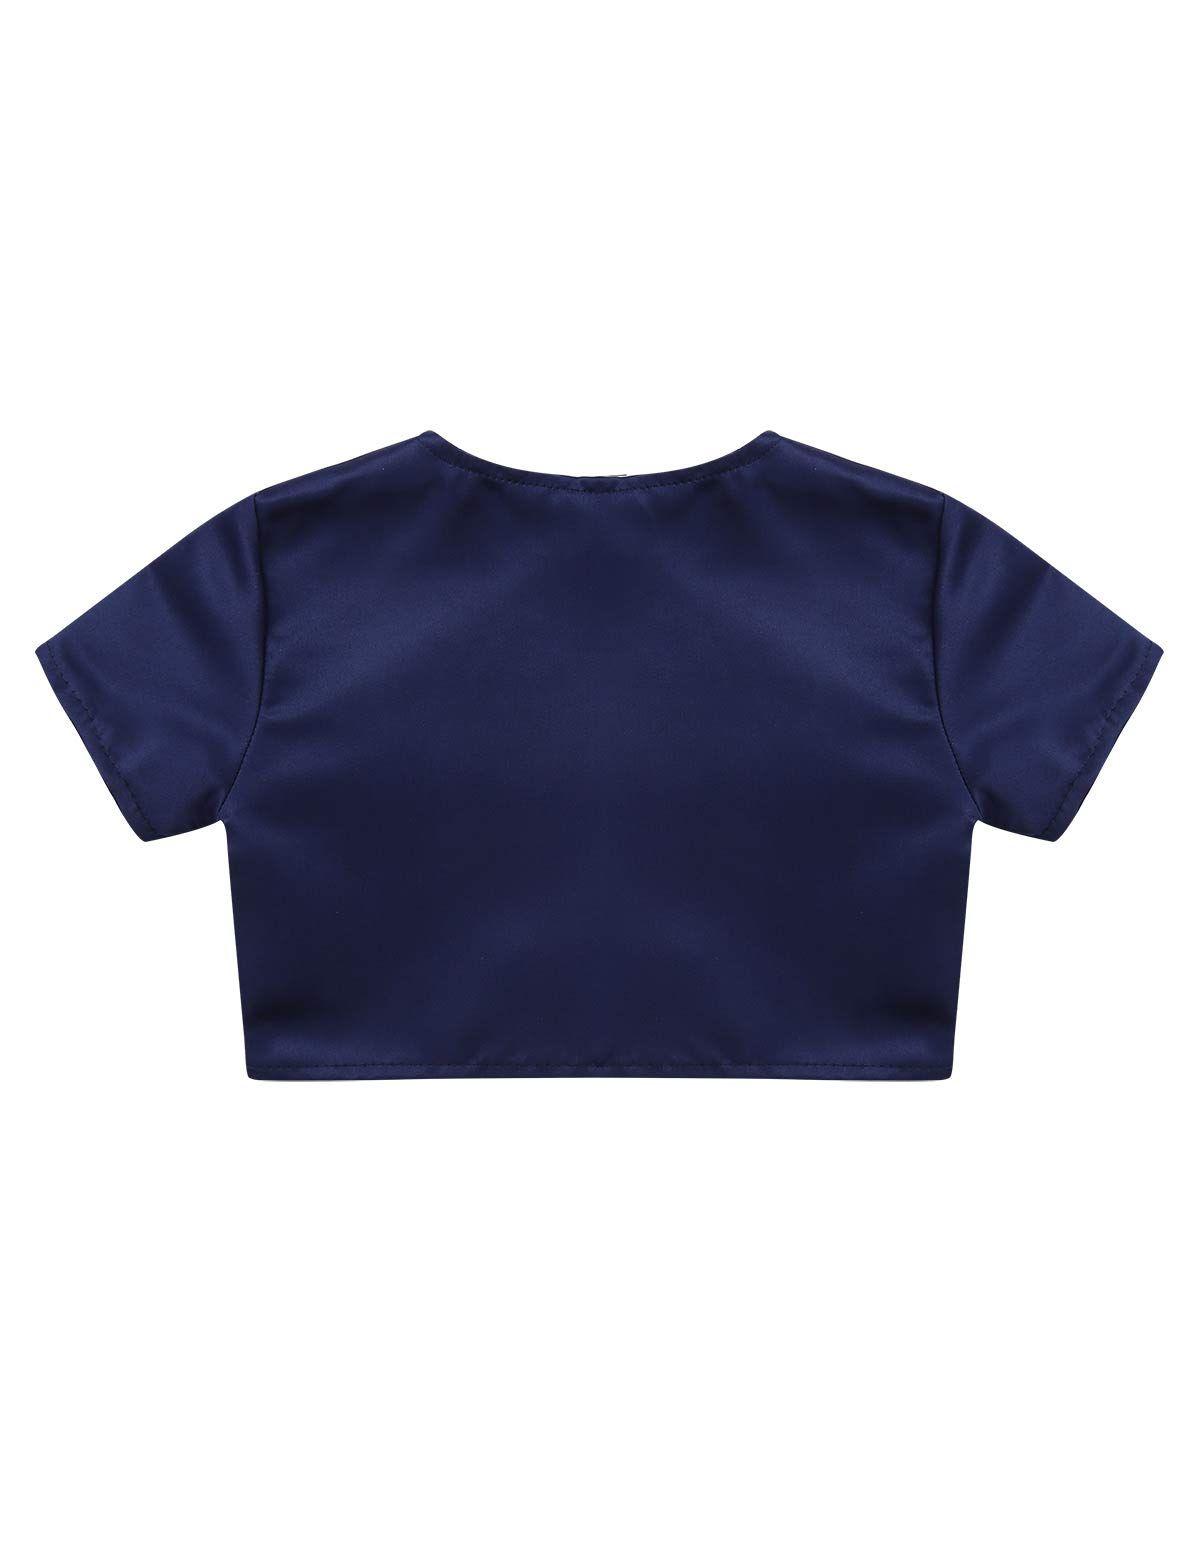 moily Kids Satin Short Sleeve Bolero Shrug Flower Girl Dress Cover Up Shoulder Cape Party Coats, #Ad #Sleeve, #Bolero, #Shrug, #Short